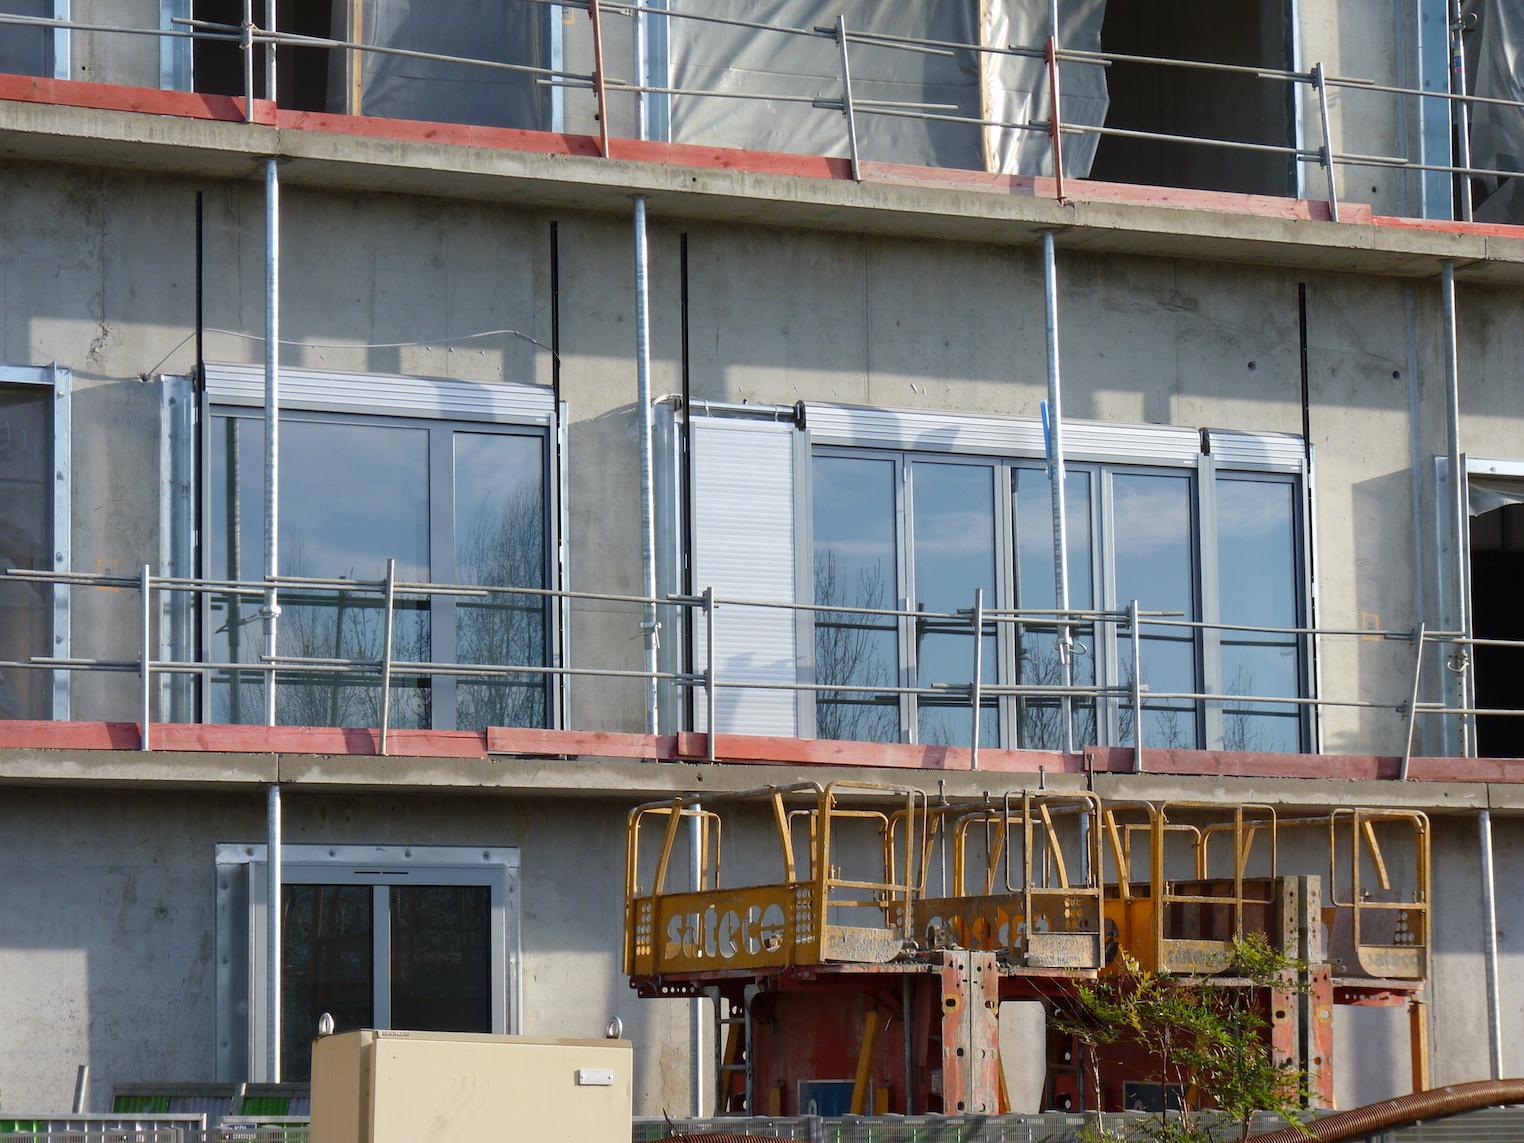 Parc 17, portes-fenêtres du 1er étage de l'appartement témoin